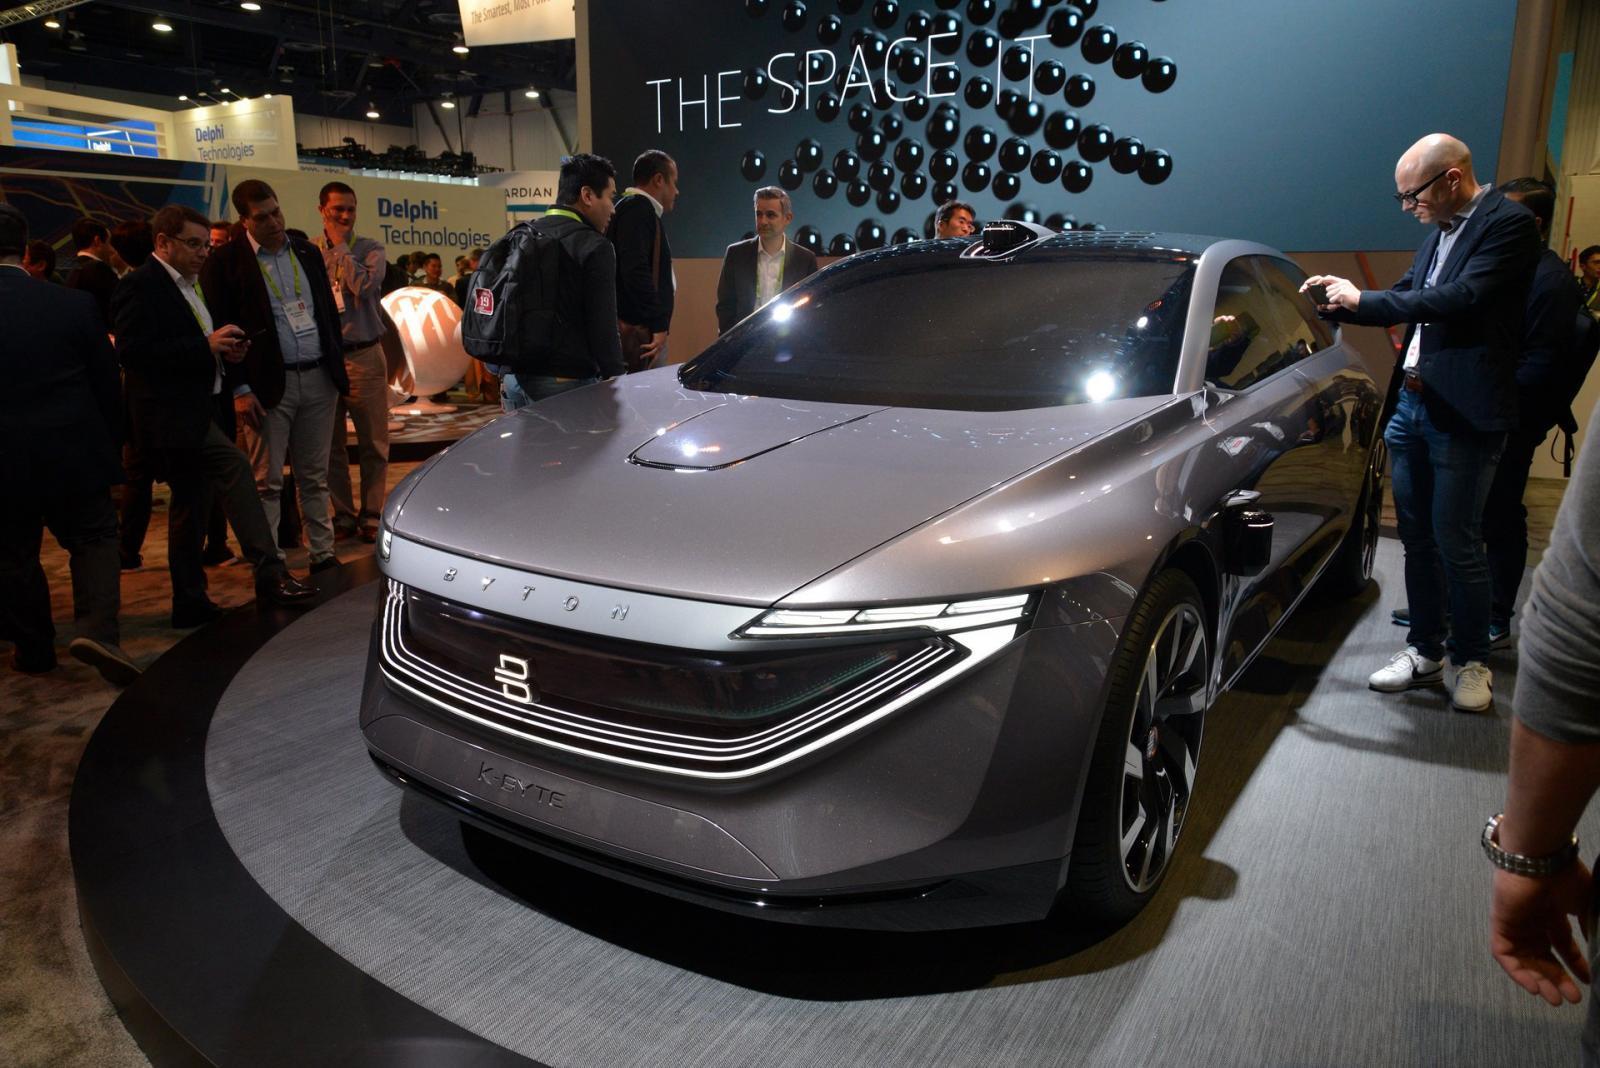 Ô tô điện Trung Quốc gây choáng vì trang bị cực hiện đại